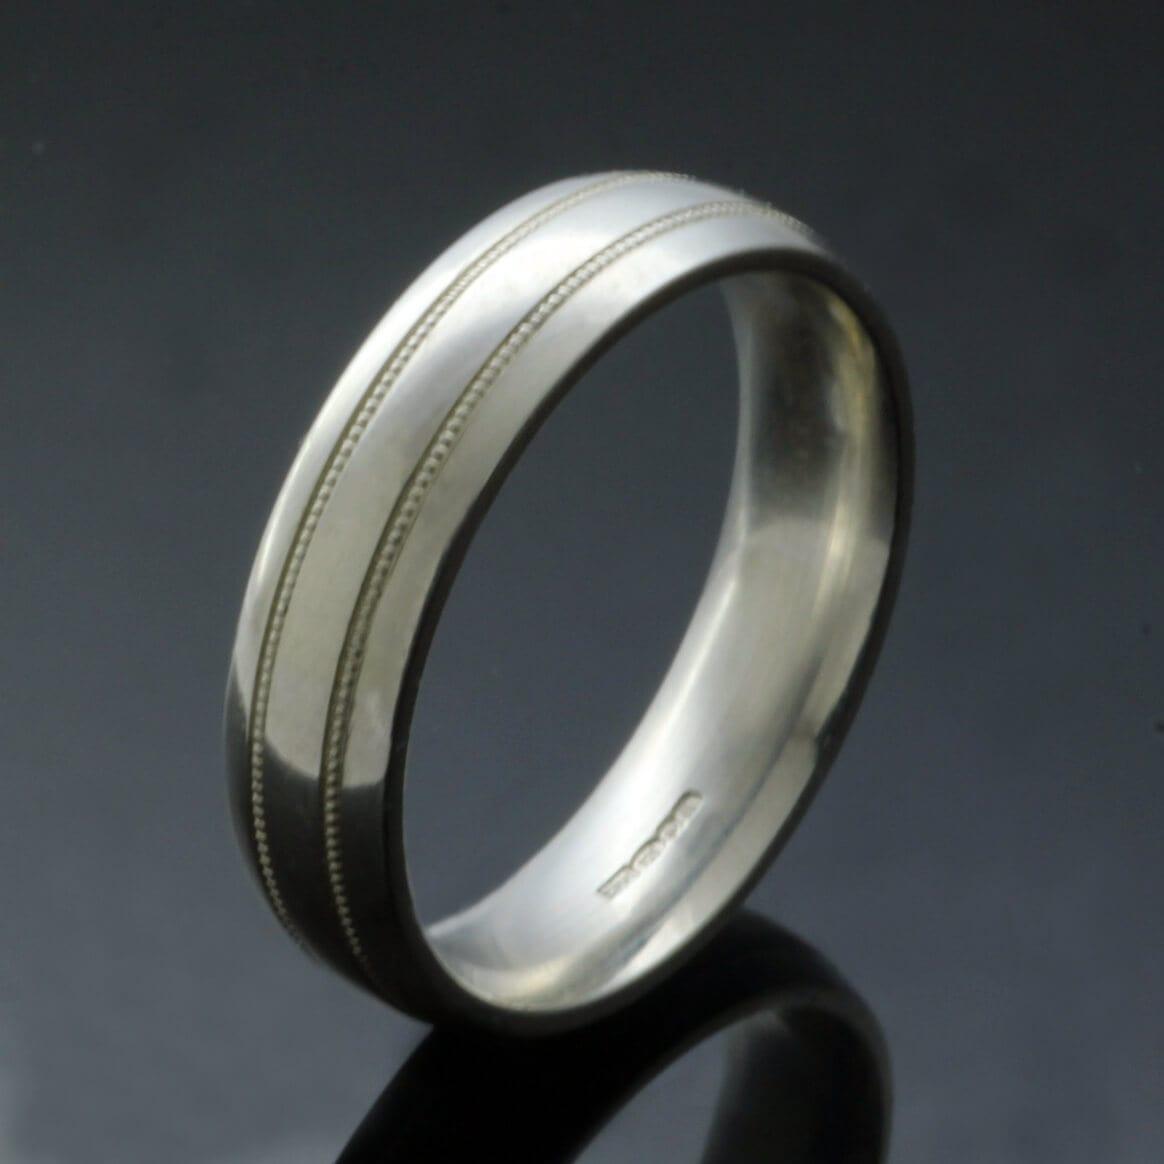 Bespoke mens wedding ring design court band lathed detail